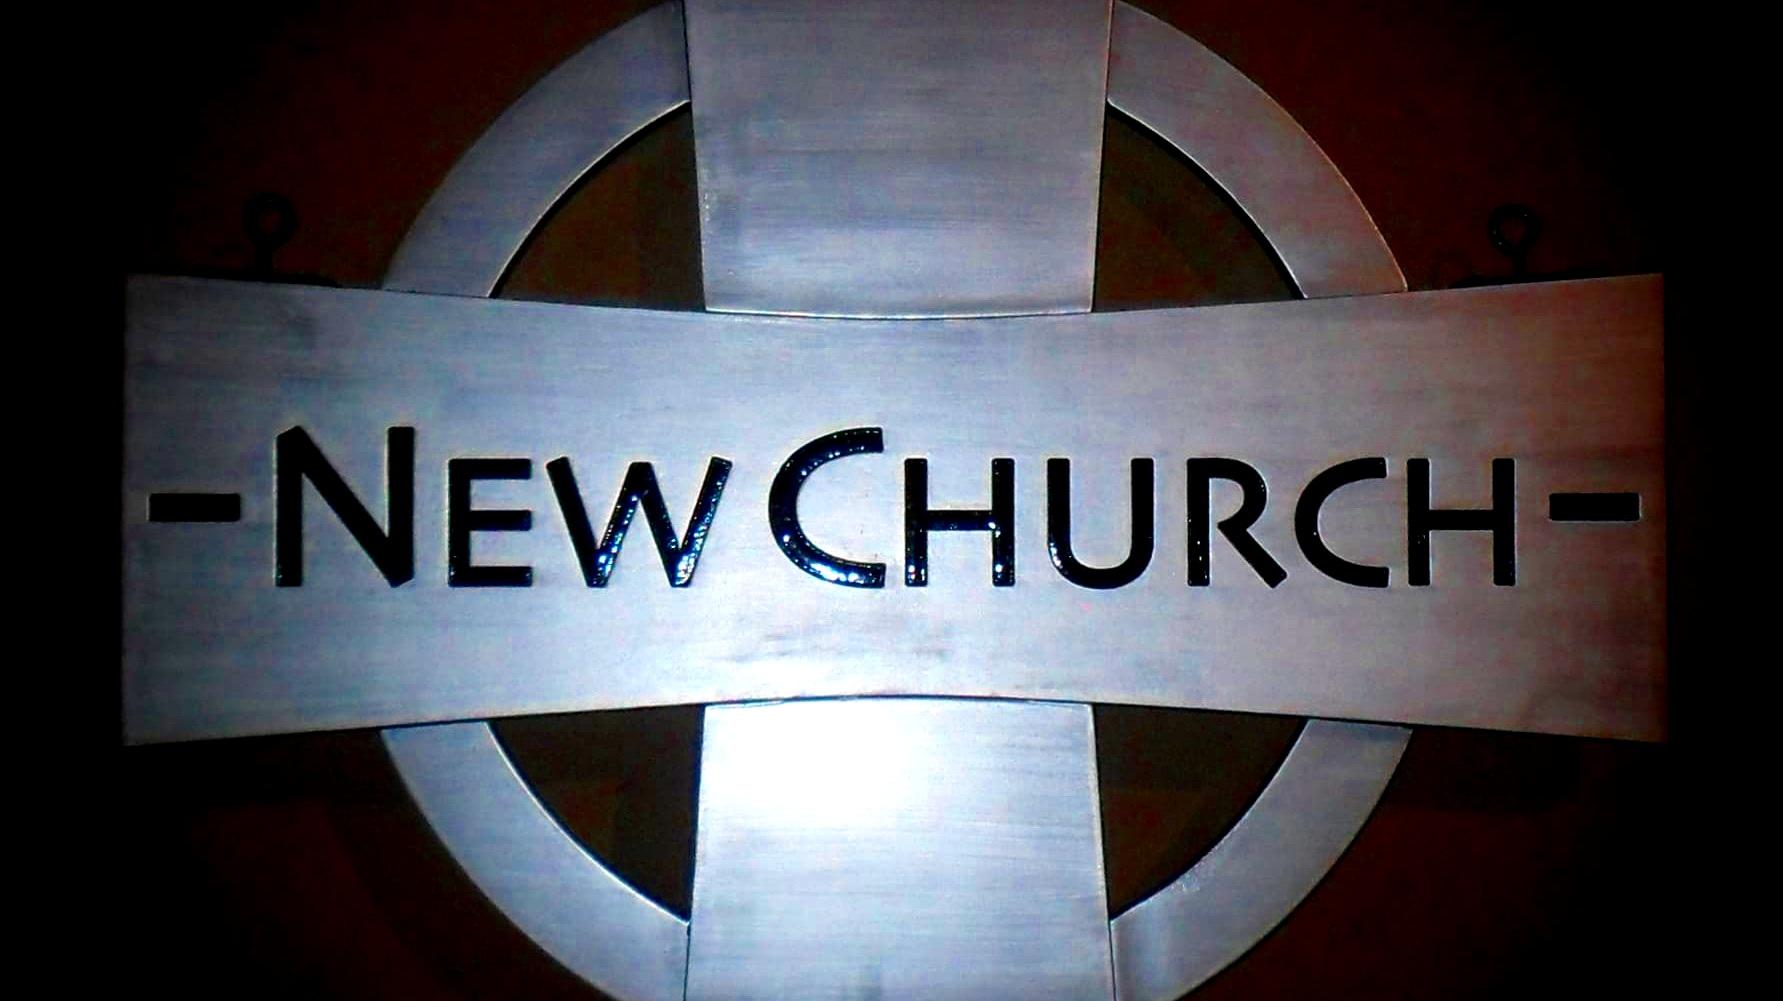 newchurch.jpg